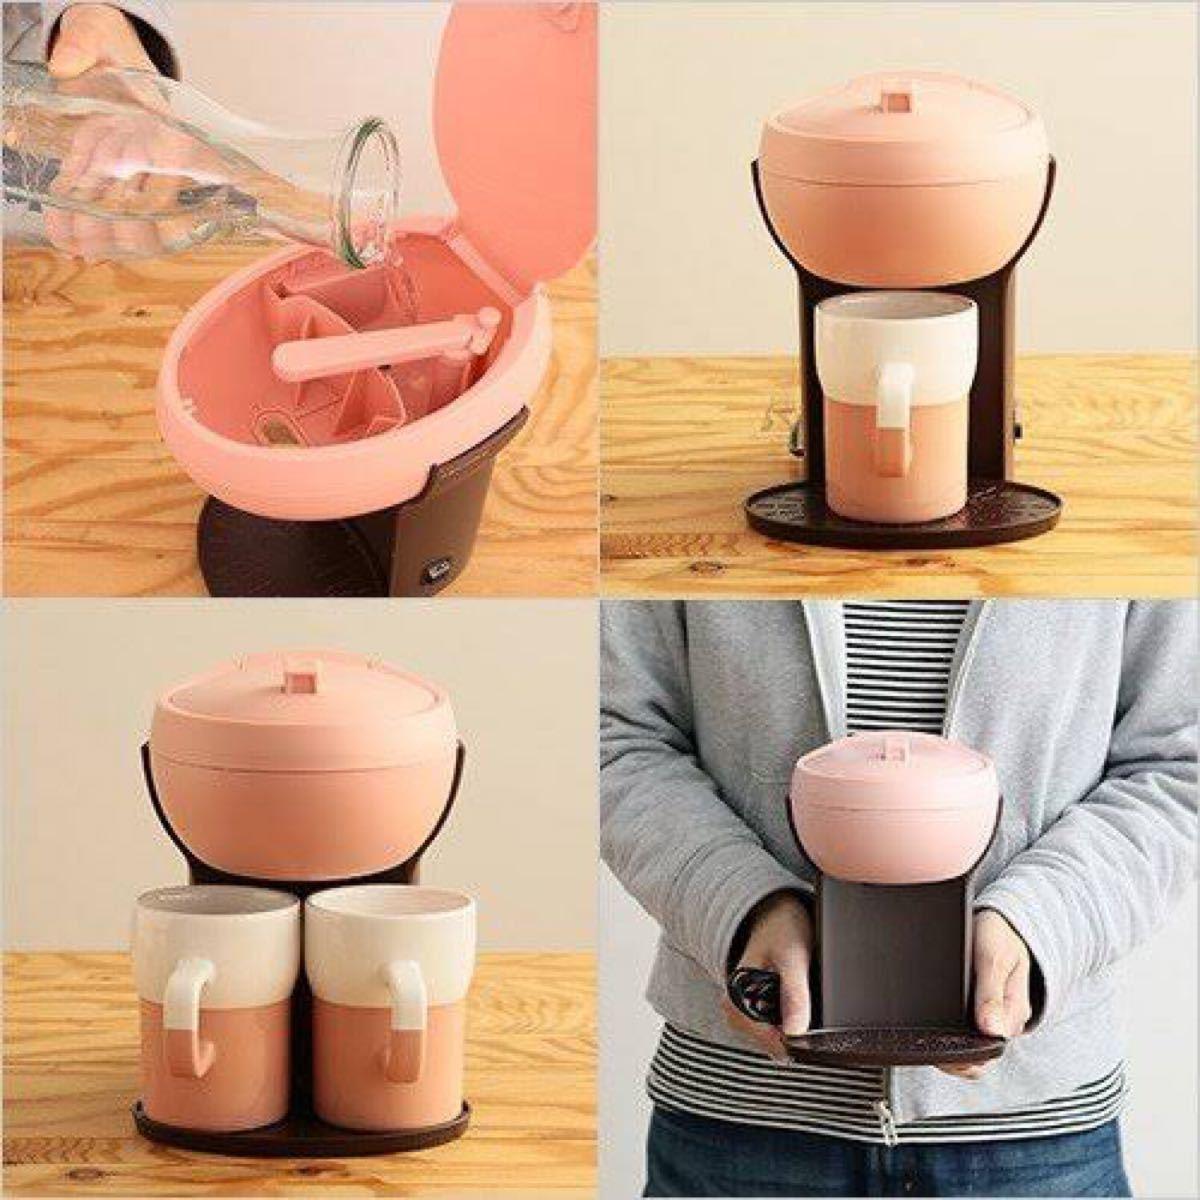 タイムセール ★新品★ カフェデュオパウス ピンク  コーヒーメーカー